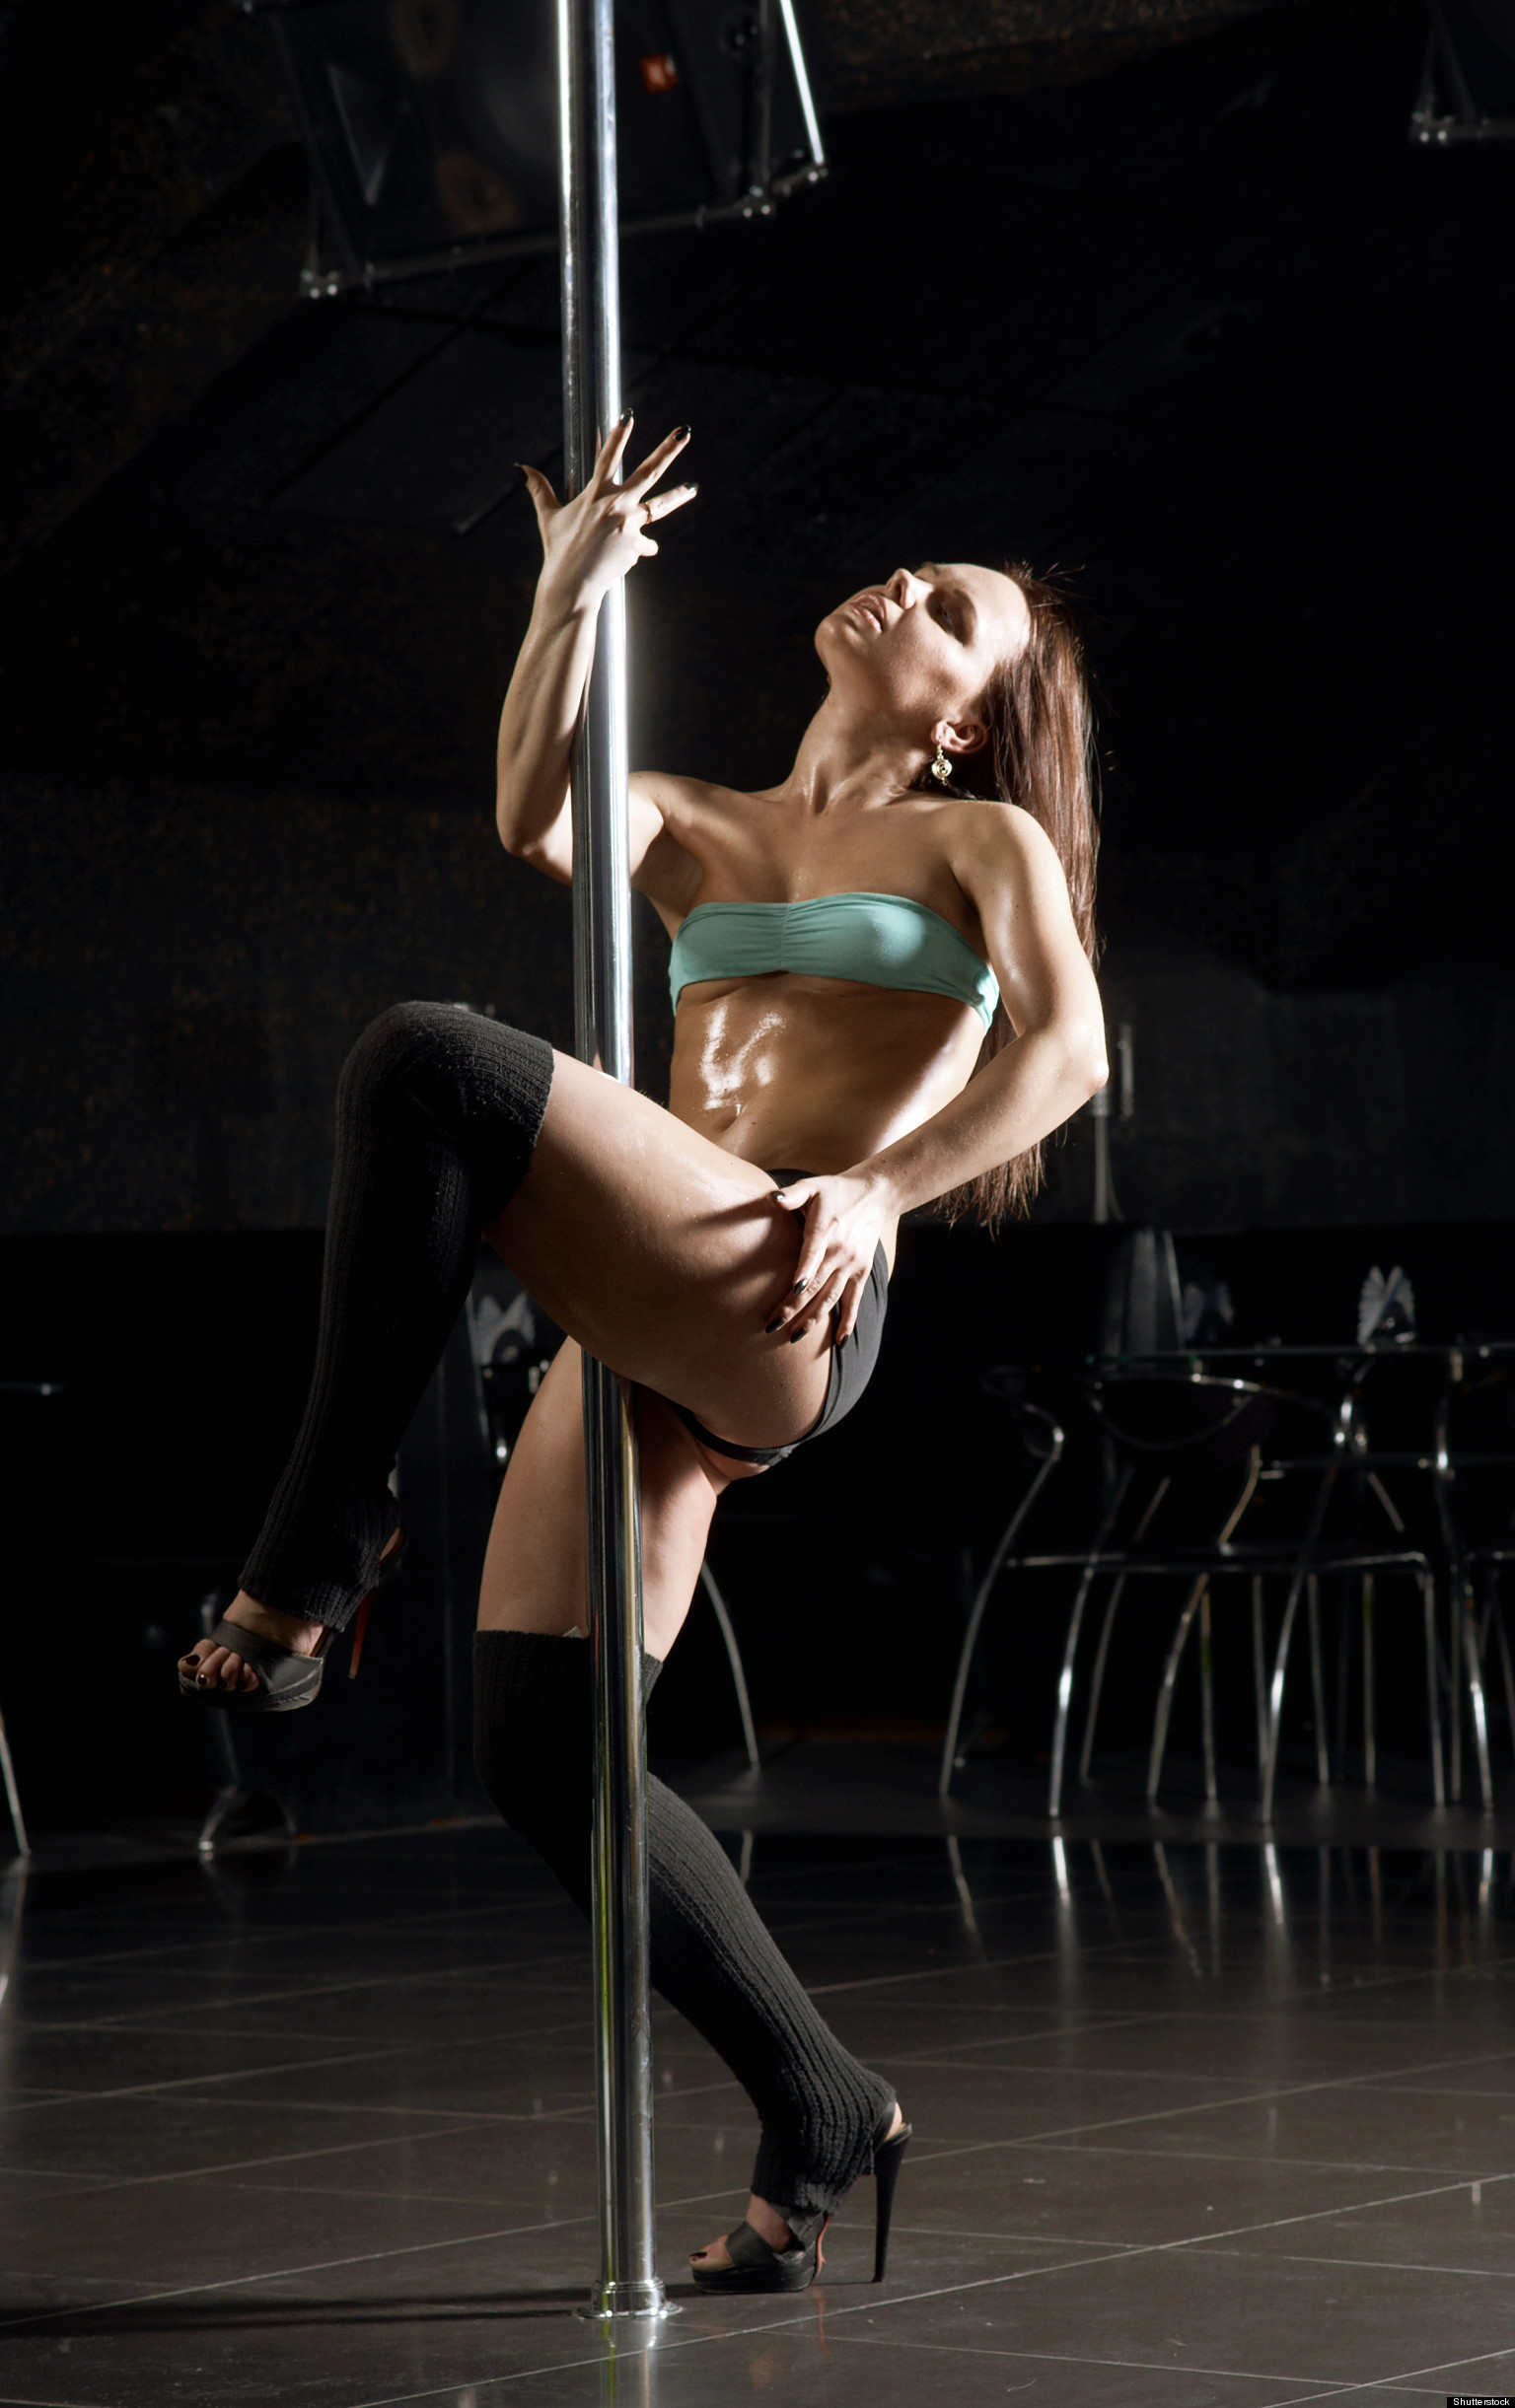 Проводница танцует стриптиз 10 фотография